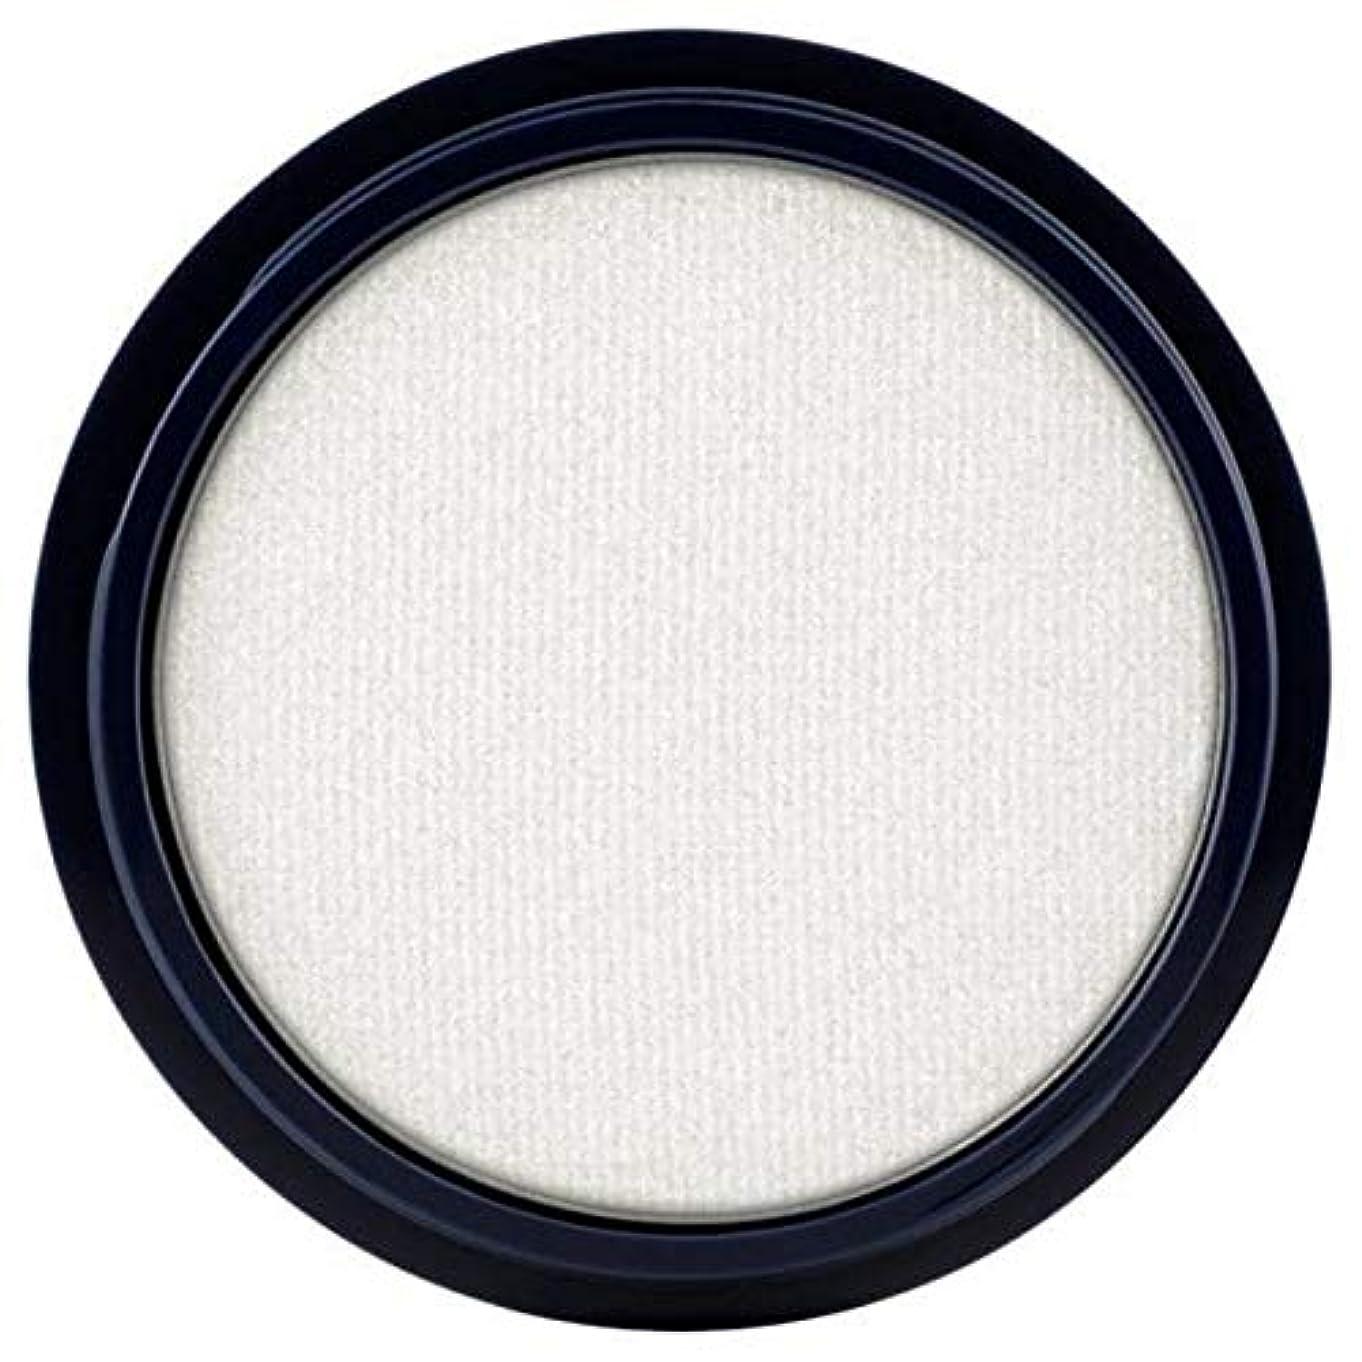 取り付け無関心国民[Max Factor ] 白35 Definatマックスファクター野生シャドウアイシャドウポット - Max Factor Wild Shadow Eyeshadow Pot Definat White 35 [並行輸入品]